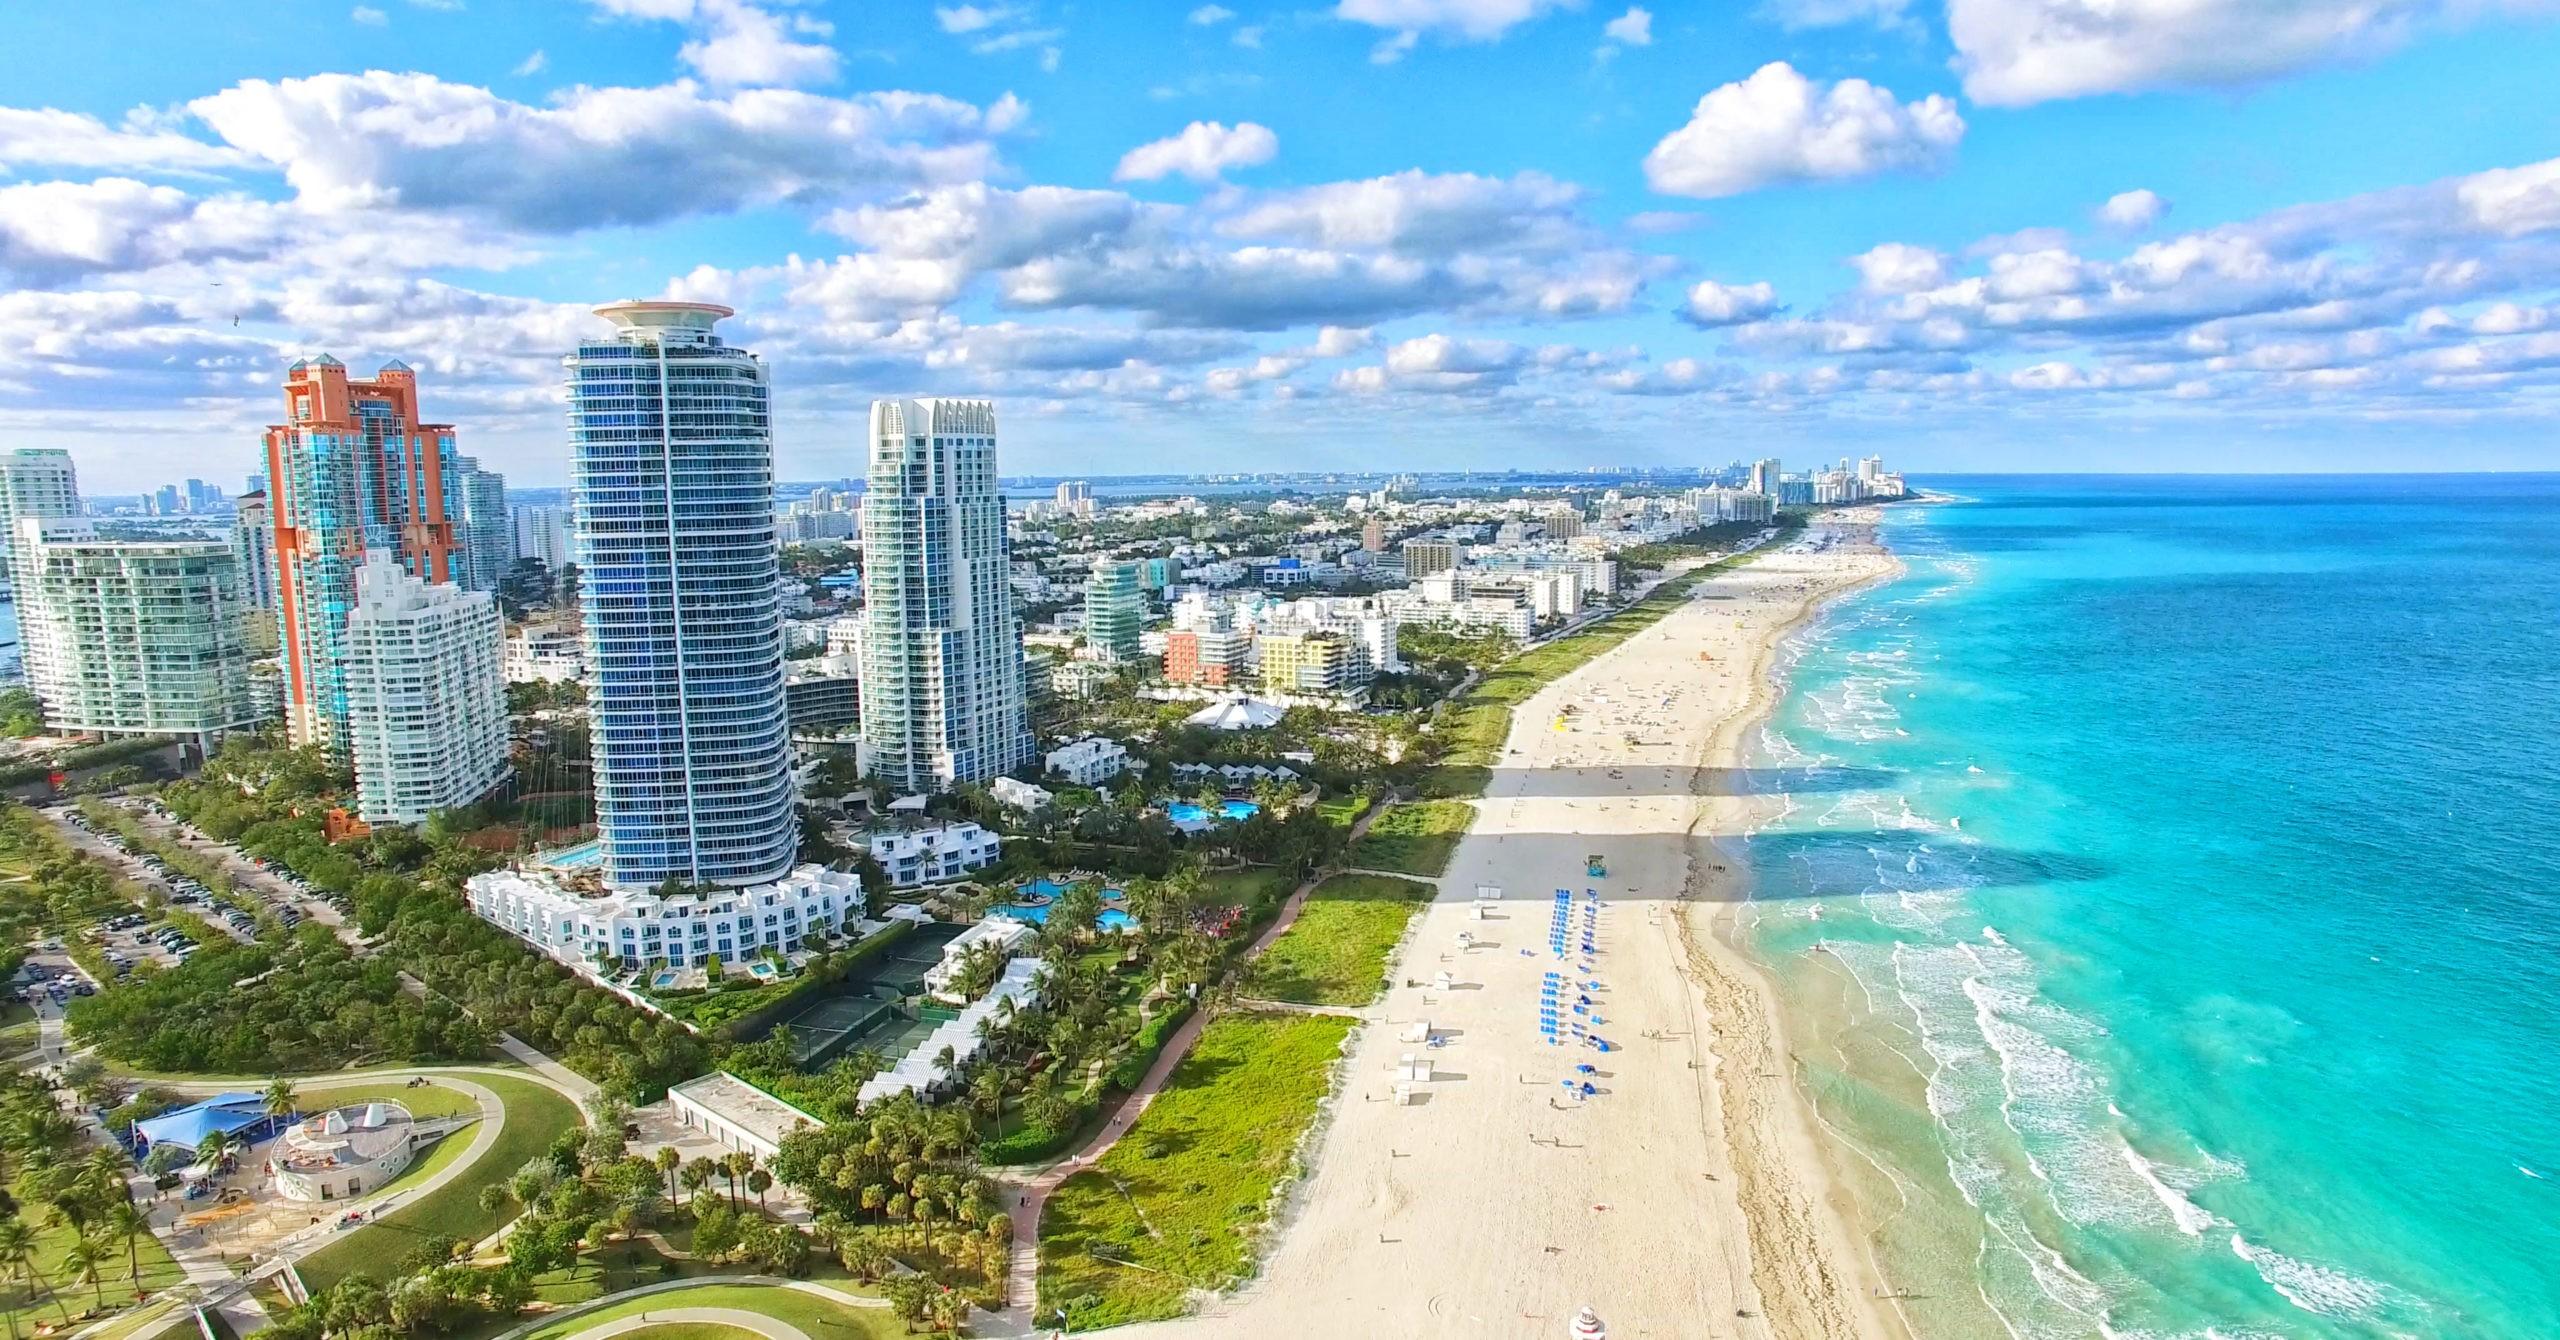 Plaża South Beach, Miami Beach. Floryda., licencja: shutterstock/By Mia2you